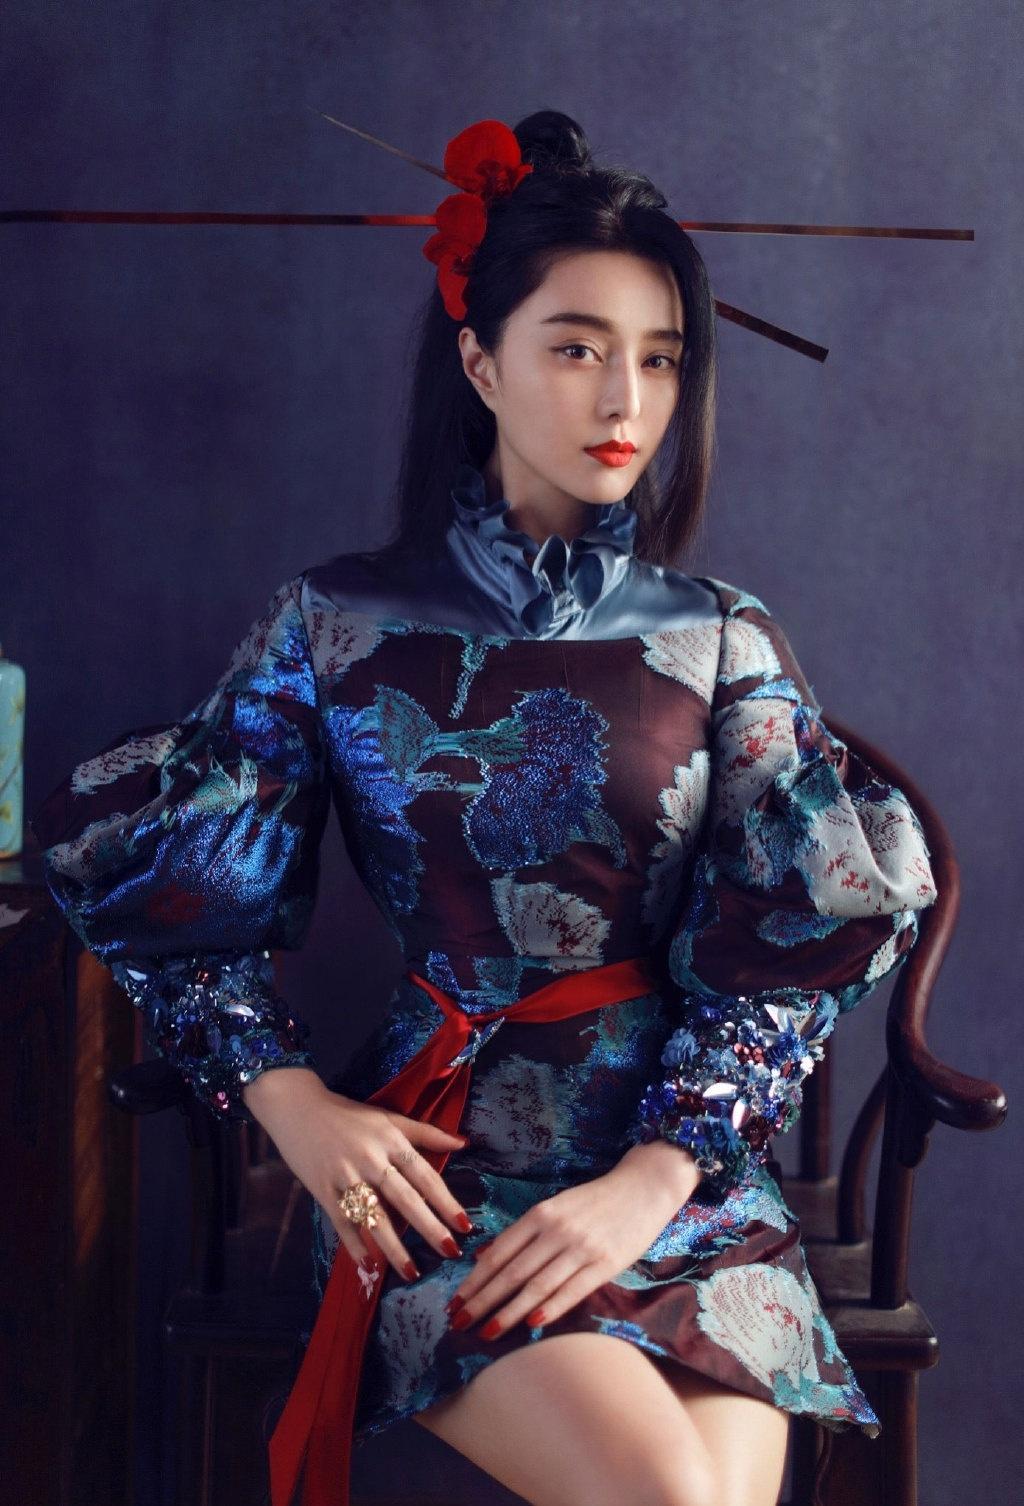 时尚芭莎纪念刊范冰冰展现古典东方美写真